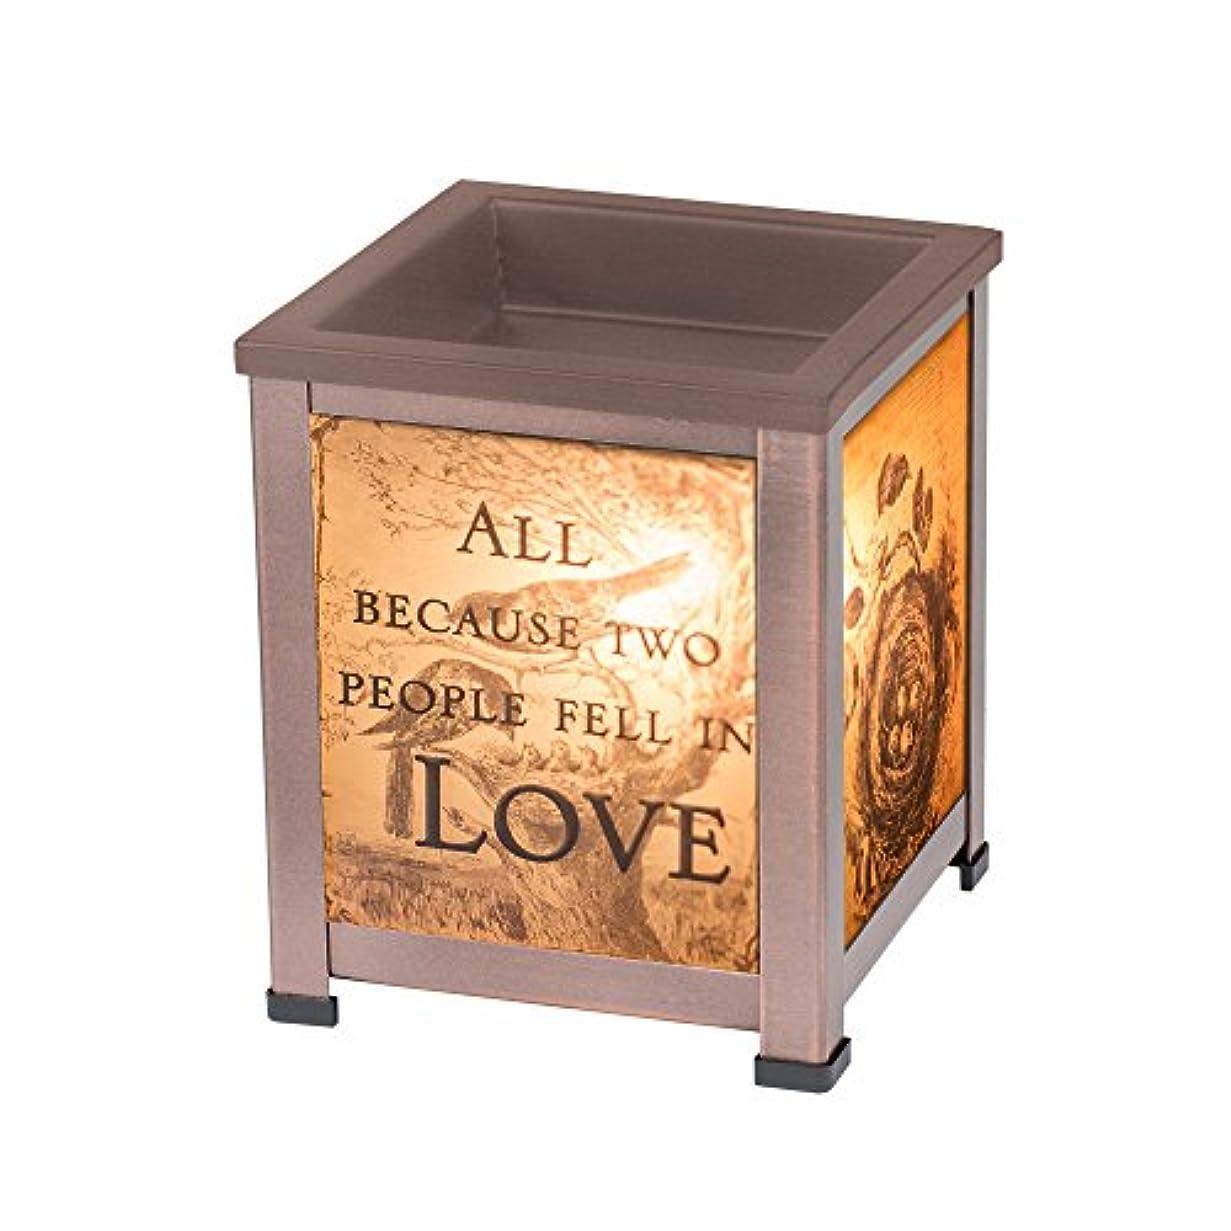 申し込むマウスピースの中でelanze Designs 2人でLove銅トーンメタル電気ワックスTartとオイルガラスランタンWarmer